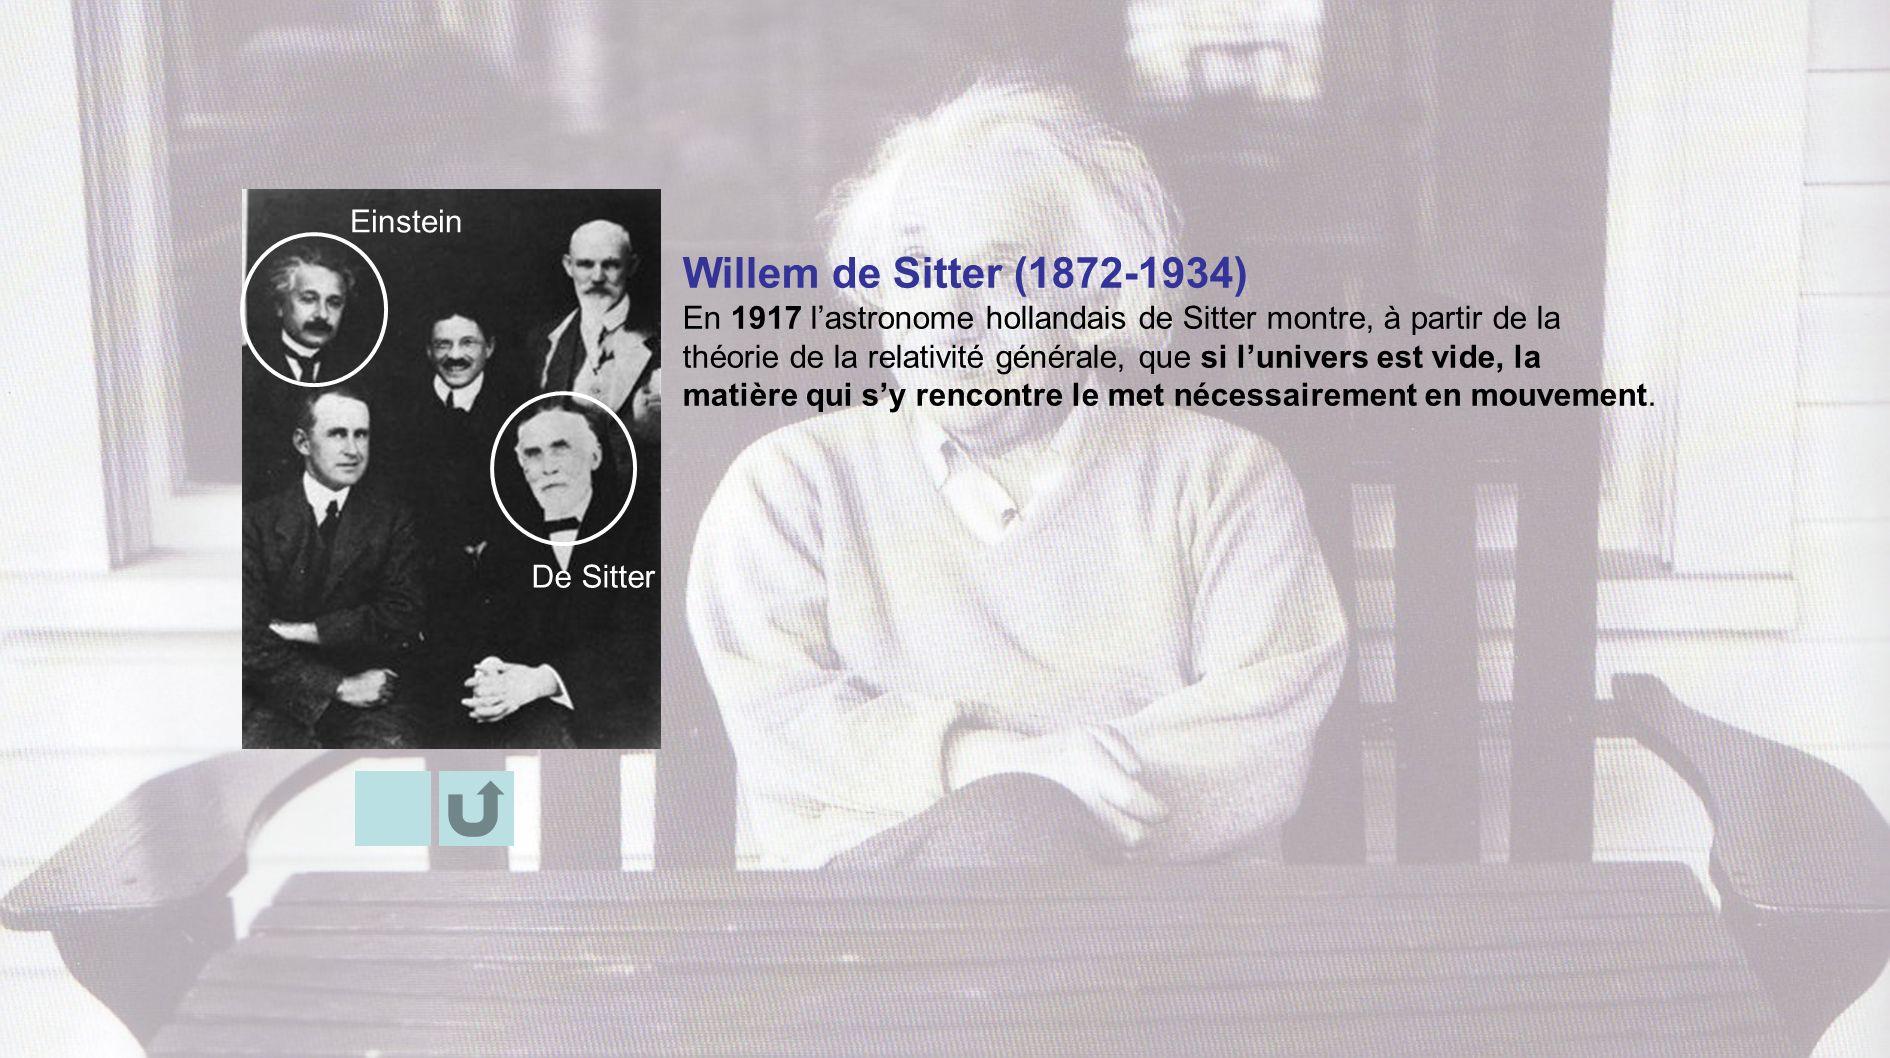 Willem de Sitter (1872-1934) En 1917 lastronome hollandais de Sitter montre, à partir de la théorie de la relativité générale, que si lunivers est vid